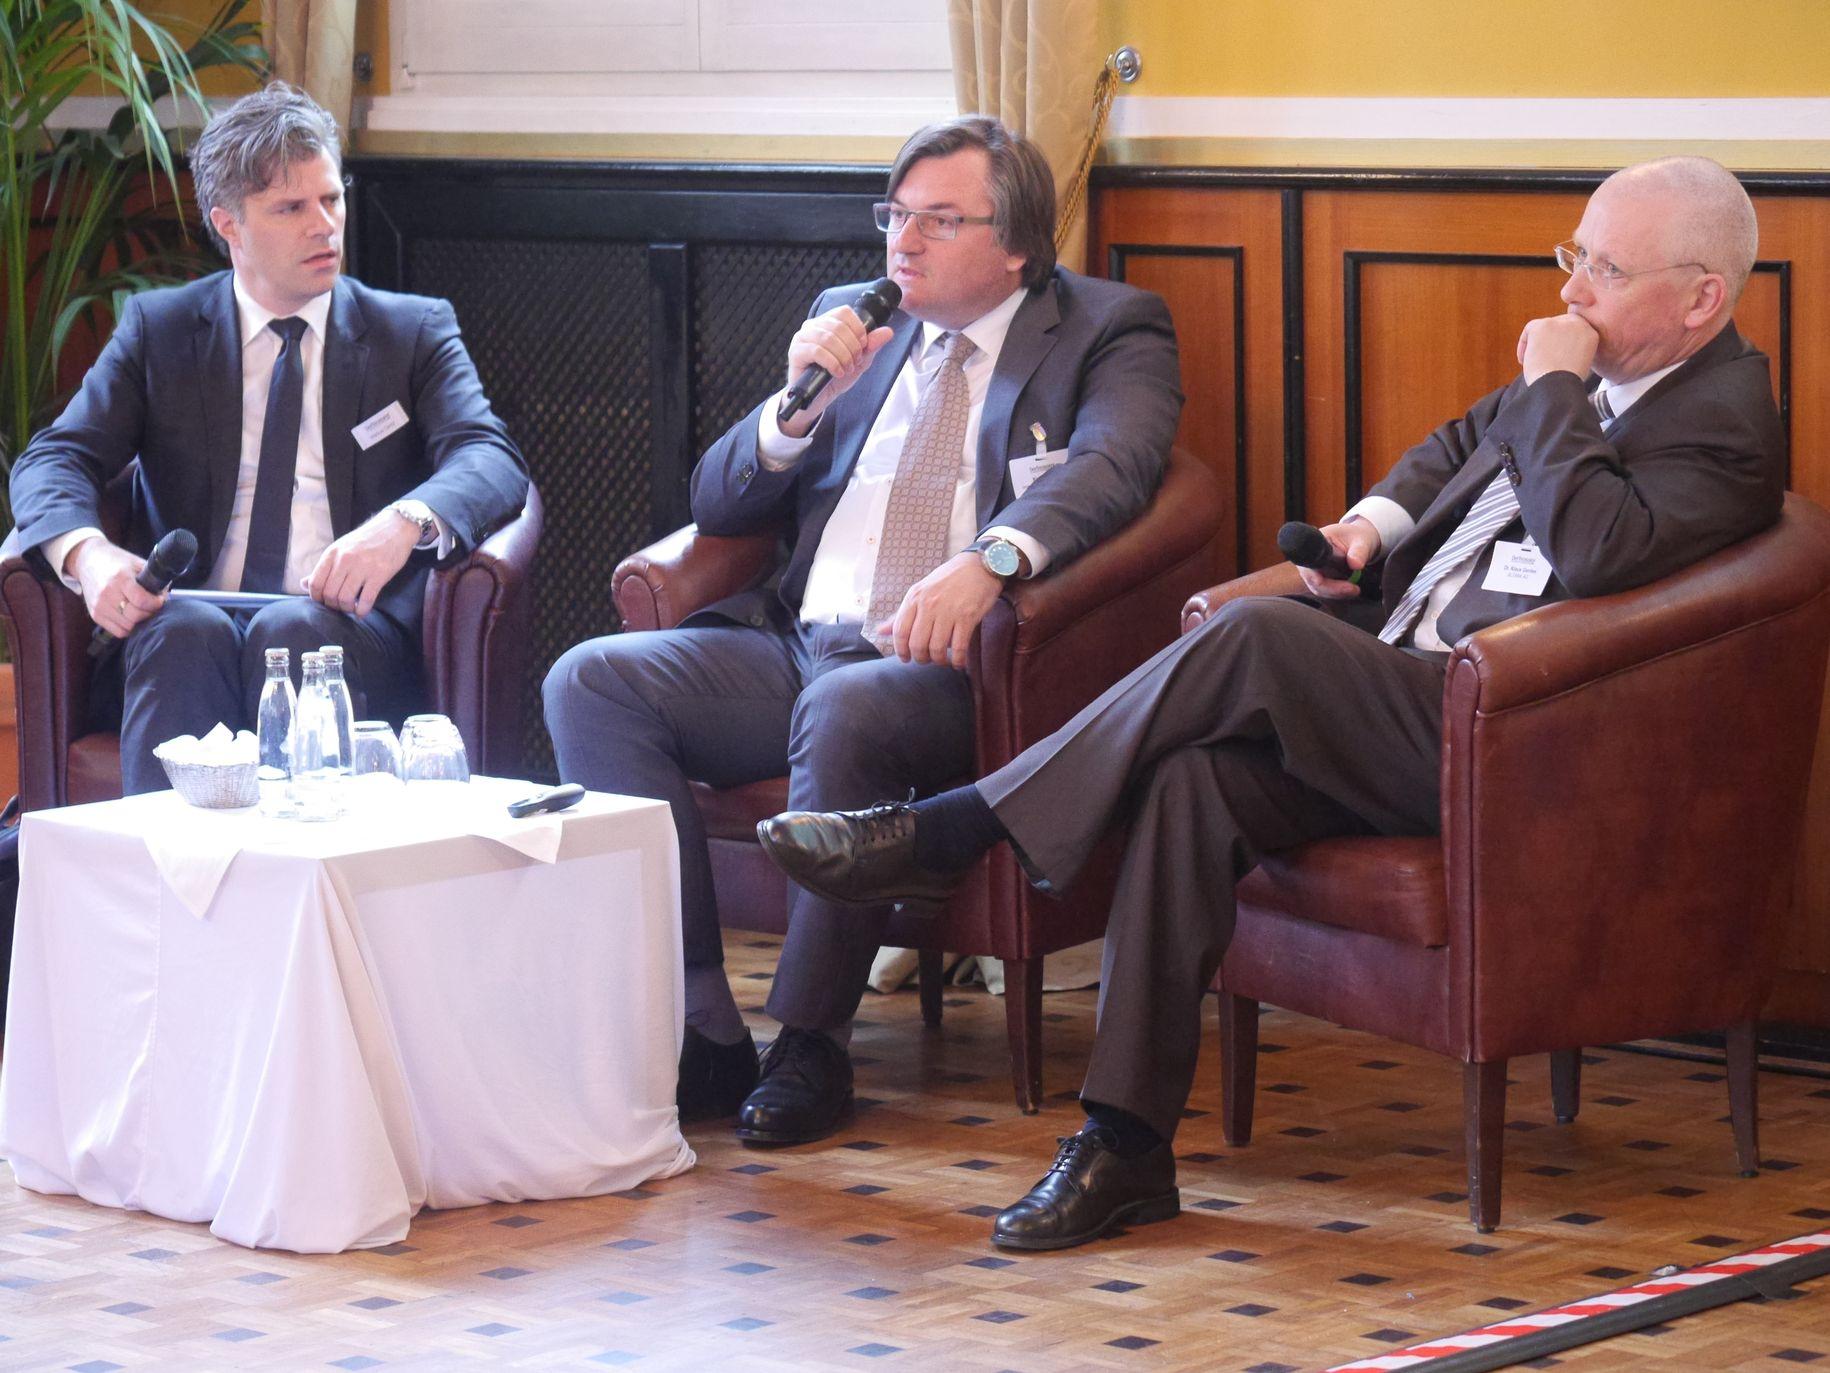 Dr. Klaus Gerdes (ALTANA AG) in der Diskussion mit Karl Markel (treasury executives 53 gmbH) und Markus Dentz (DerTreasurer).